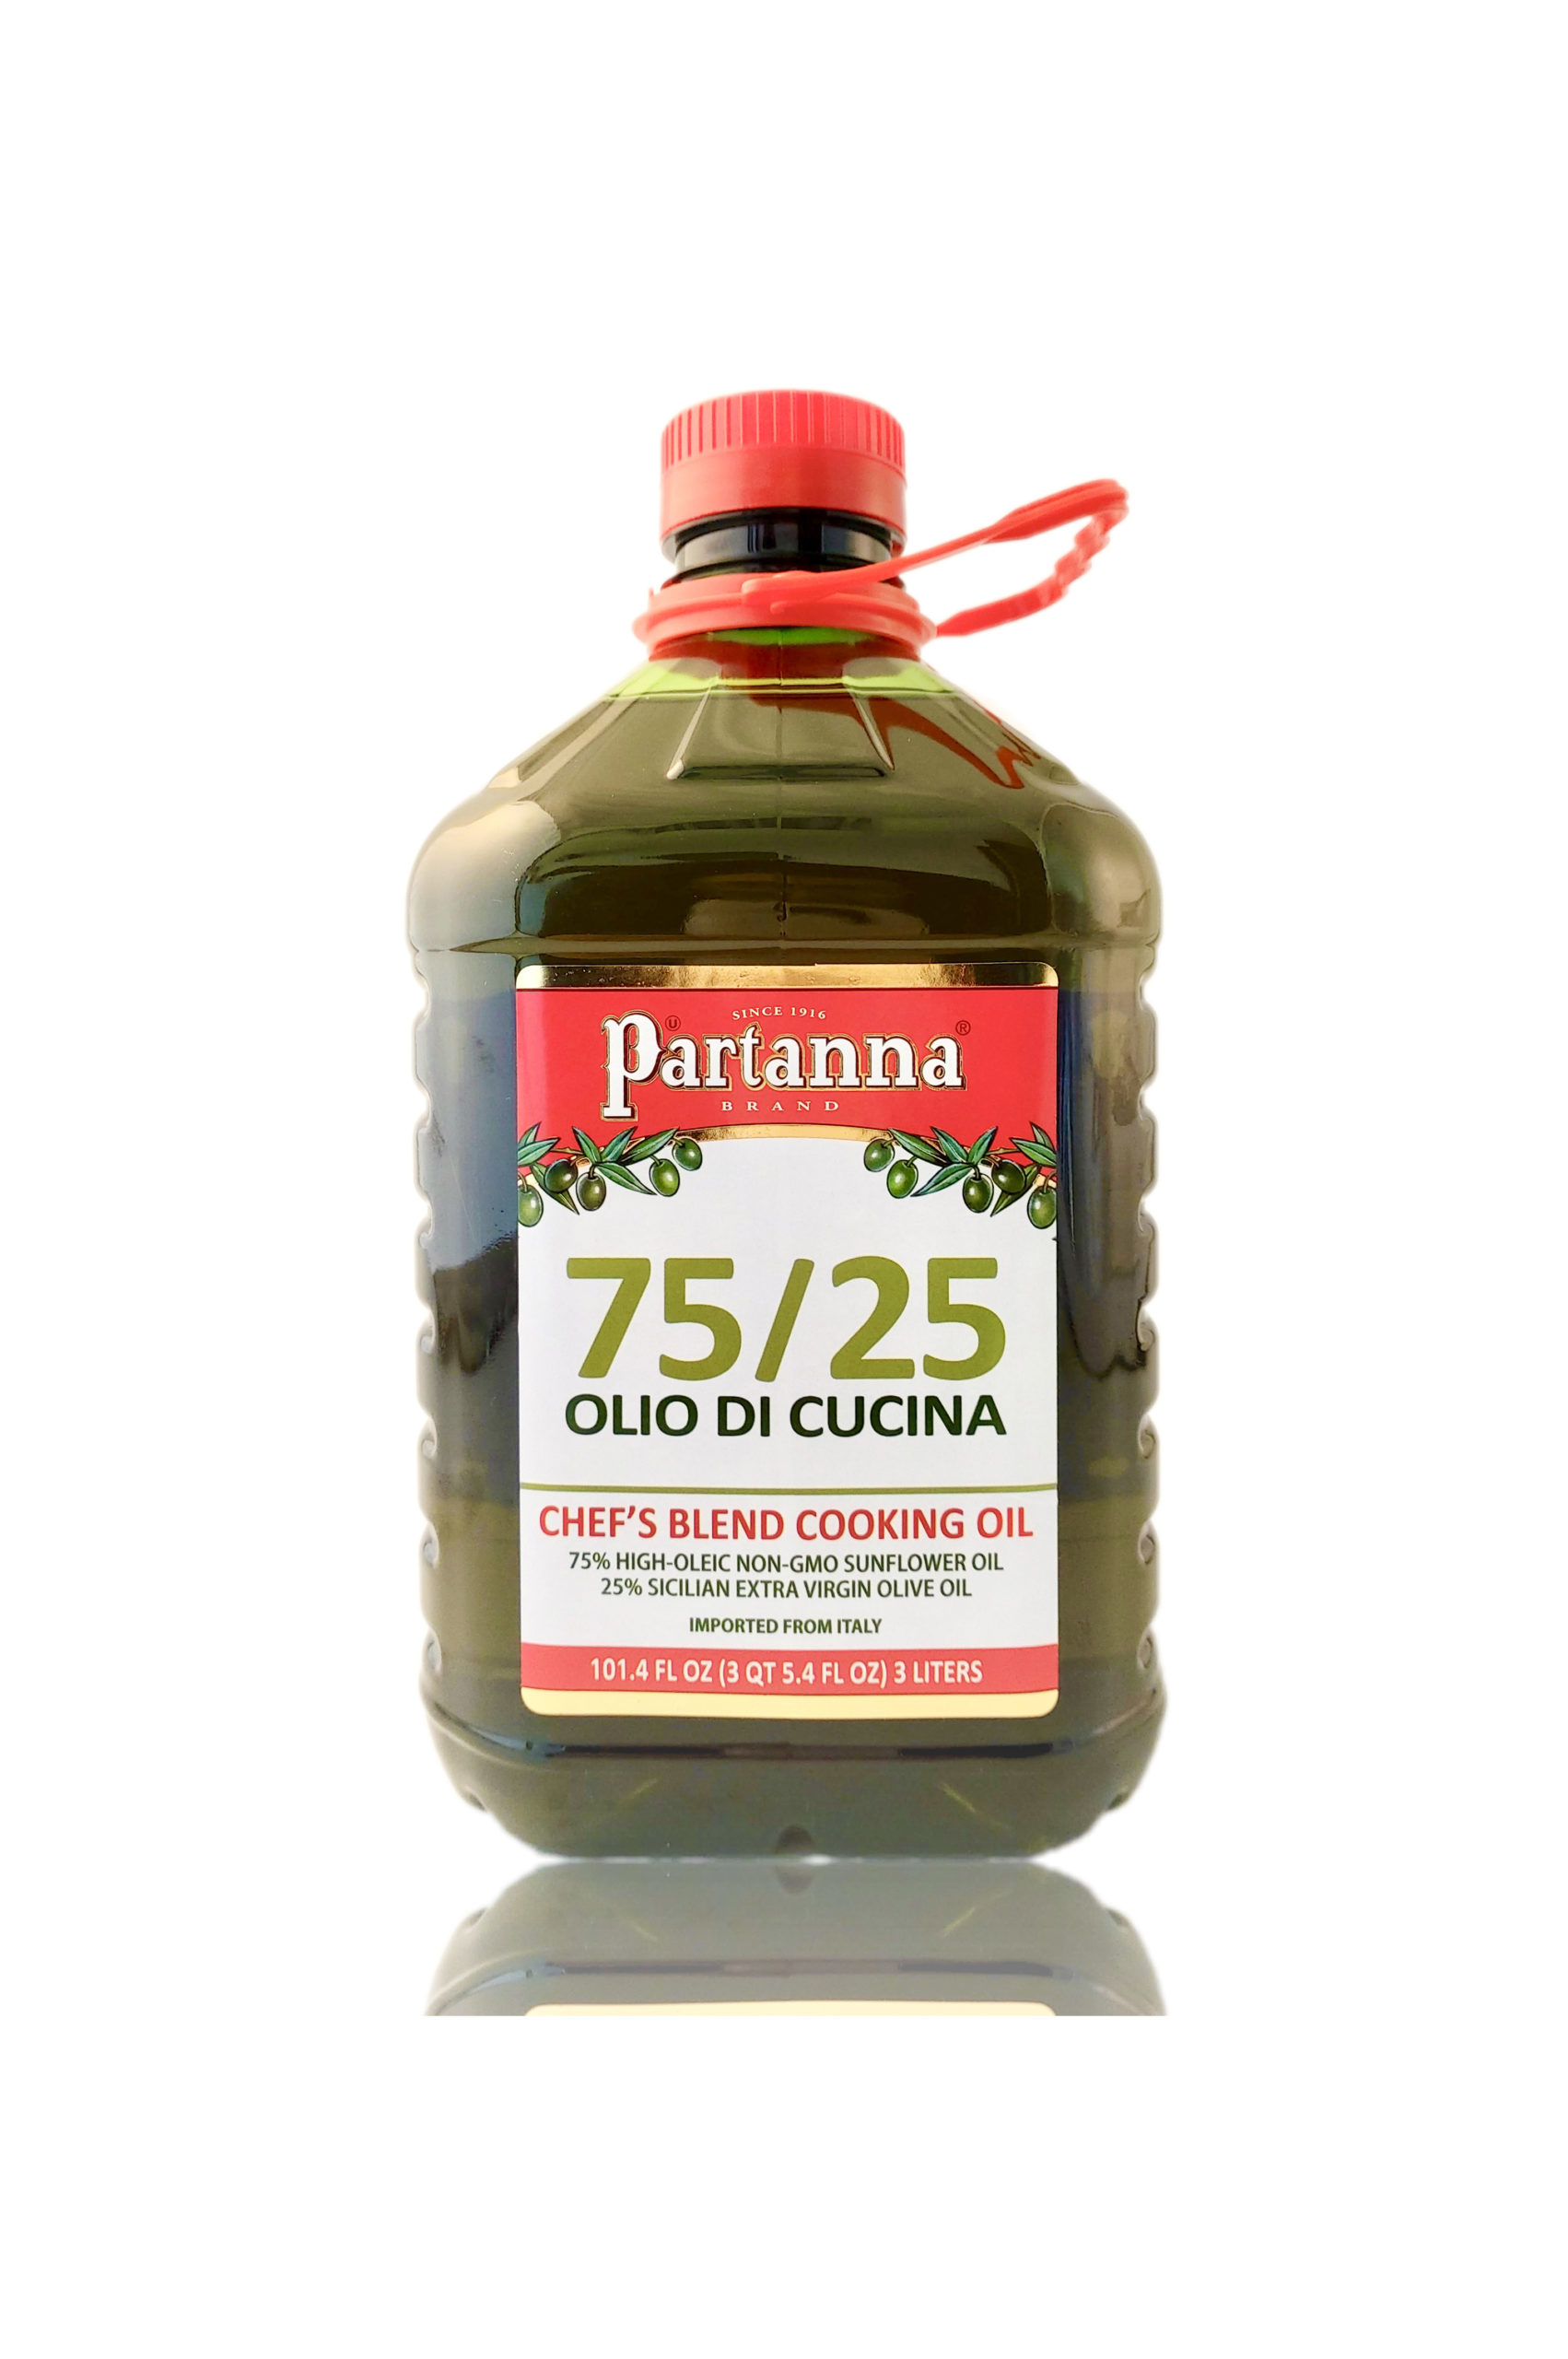 Partanna 75/25 Olio di Cucina